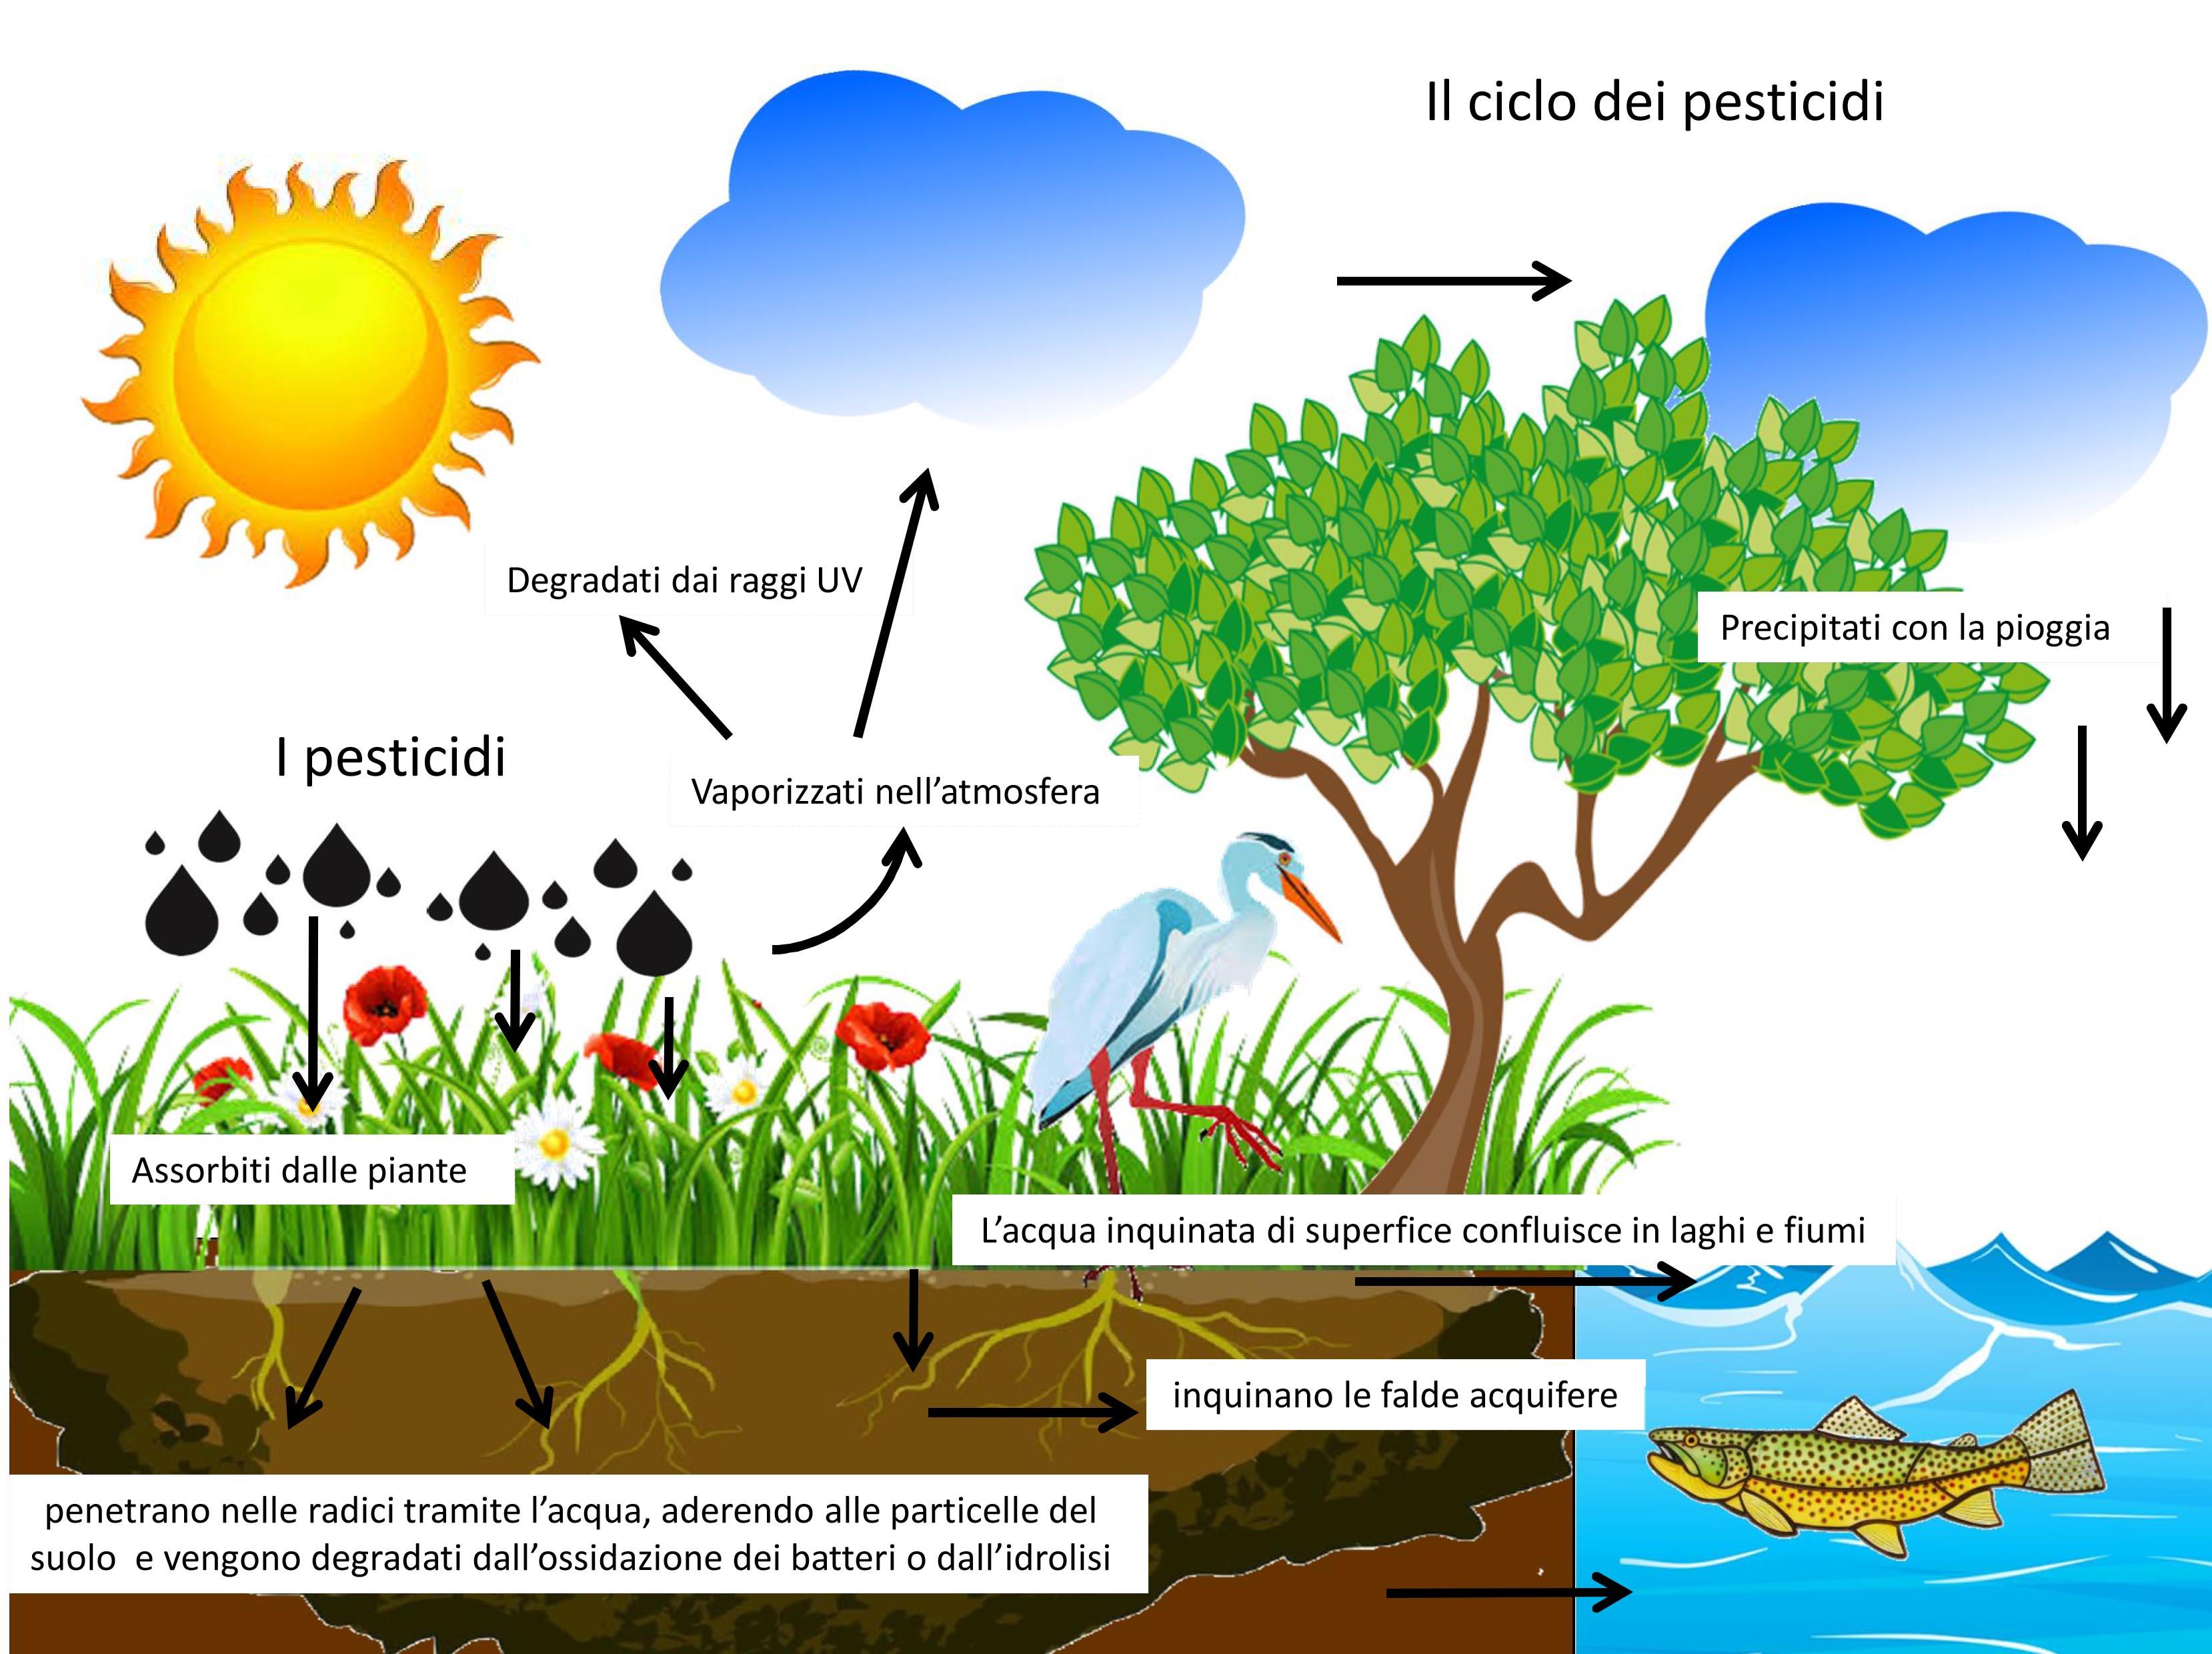 Ispra sonda le acque e trova pesticidi nel 67% dei casi. In Lombardia si sale al 73,1%. Italia prima in Europa per consumo di pesticidi